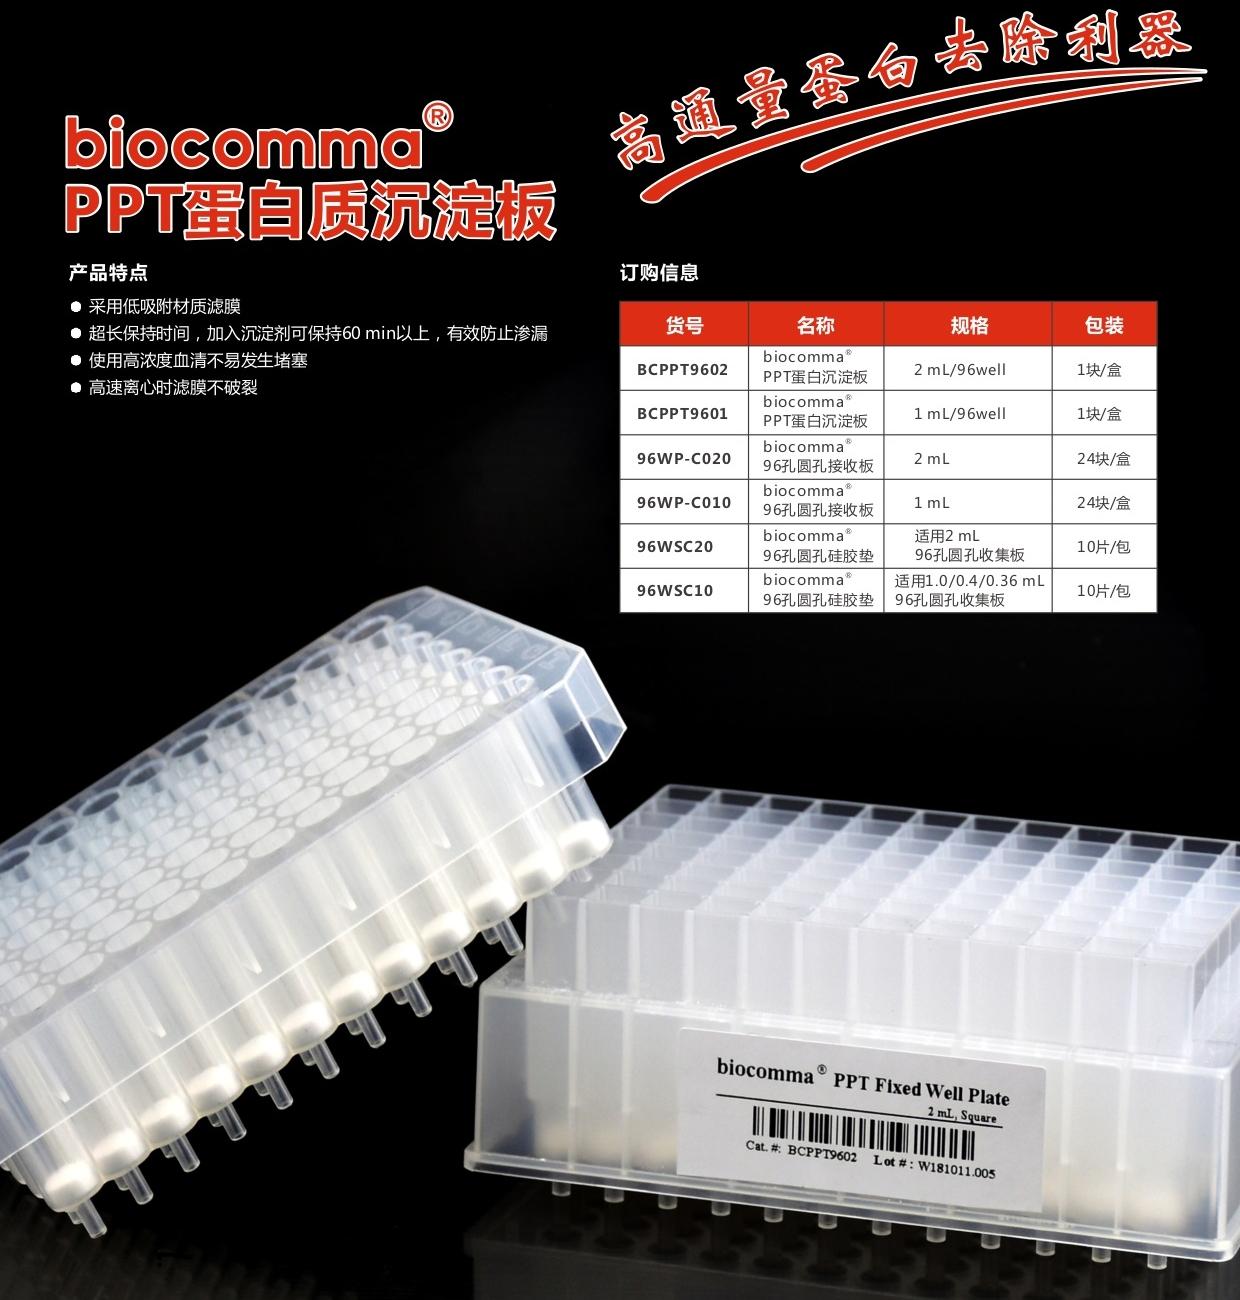 PPT蛋白质沉淀板